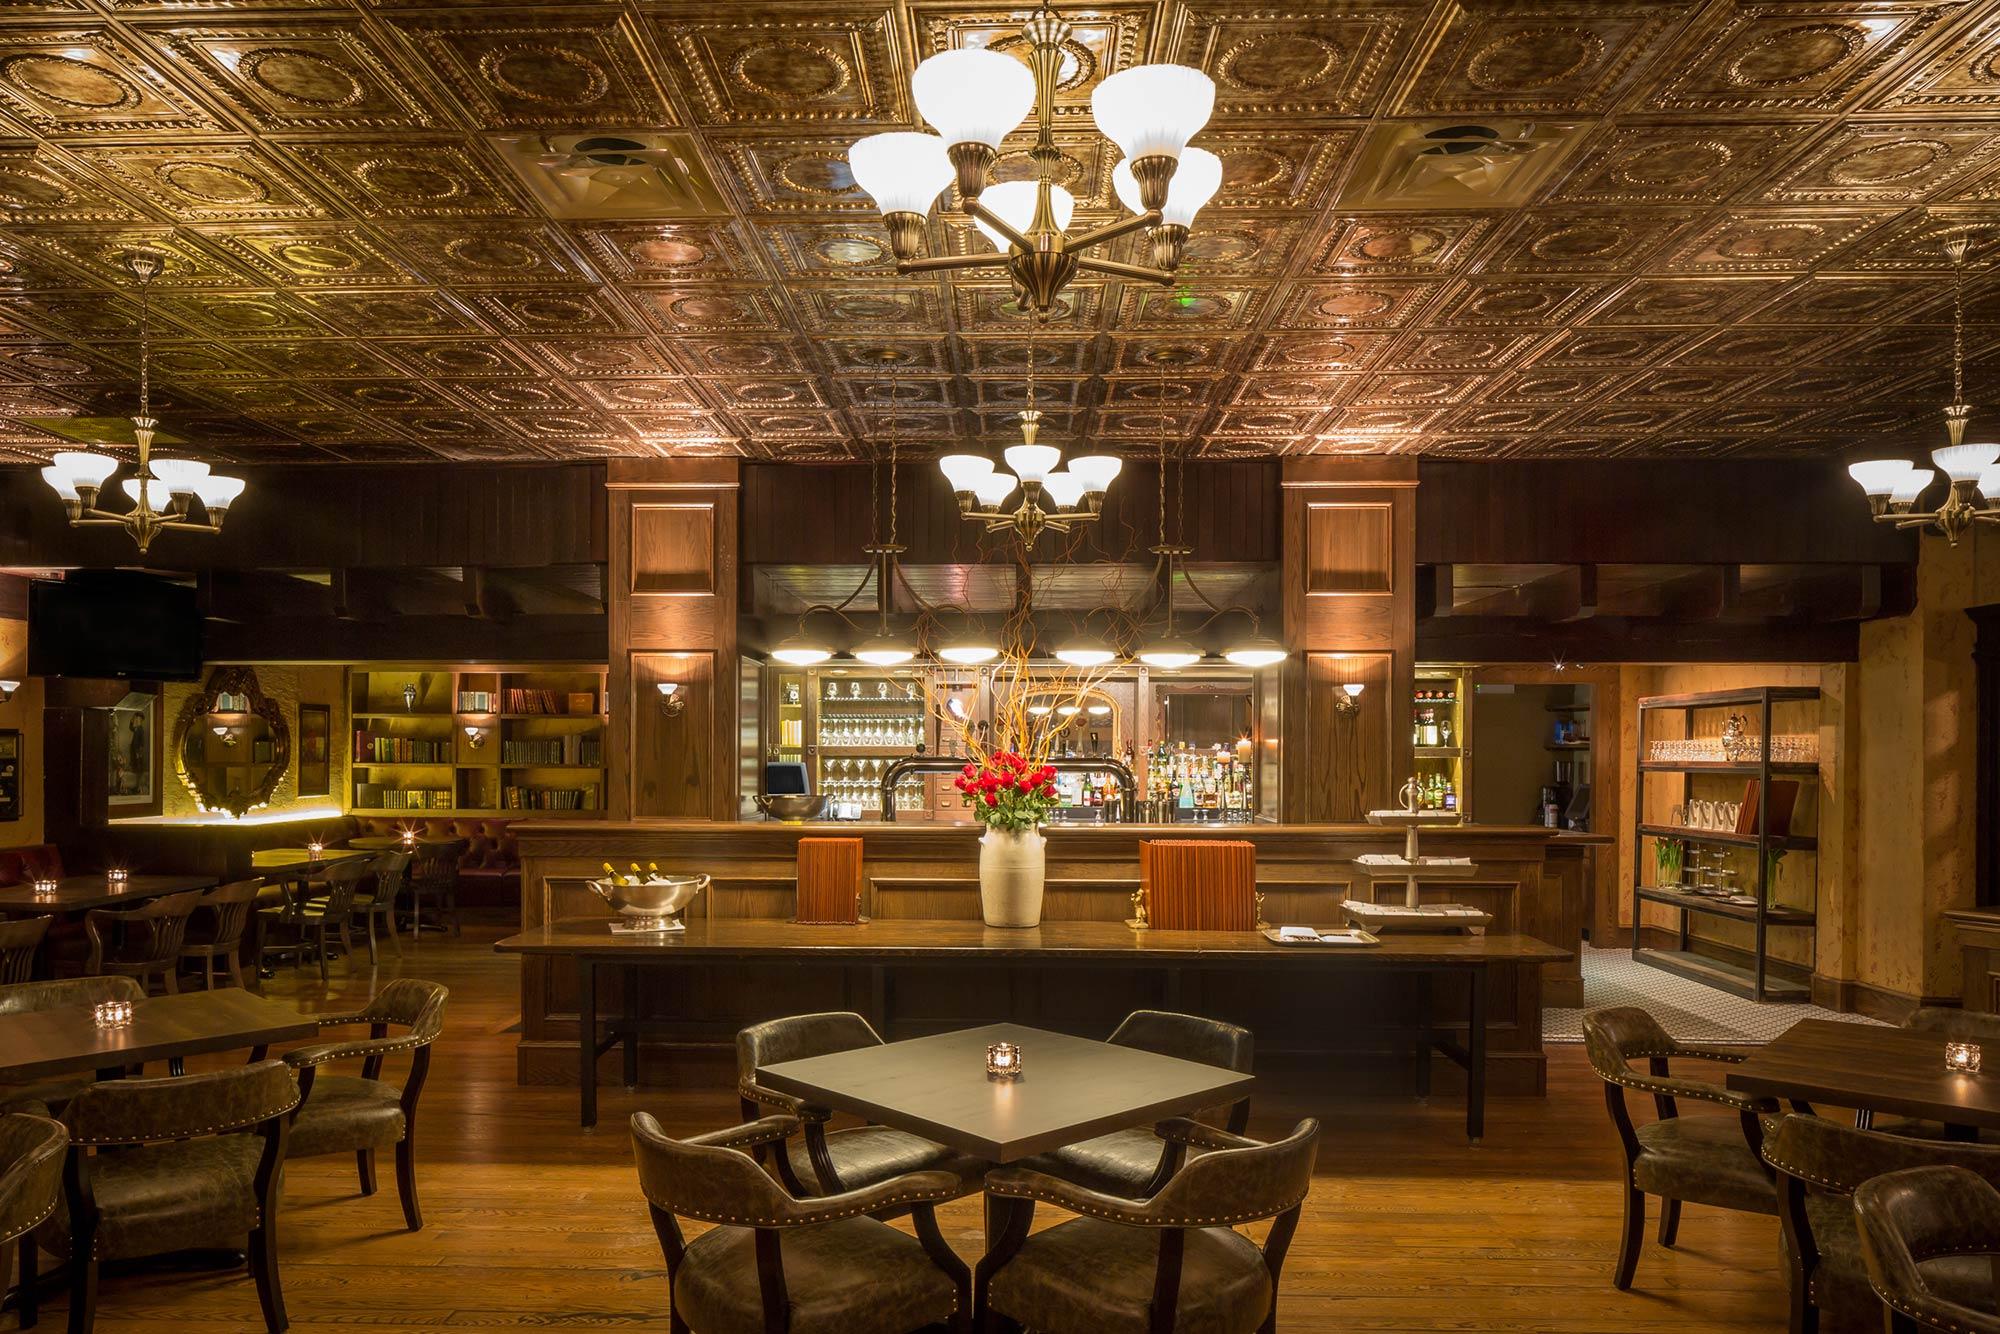 interior-design-restaurant-halifax-dining-room-tables.jpg